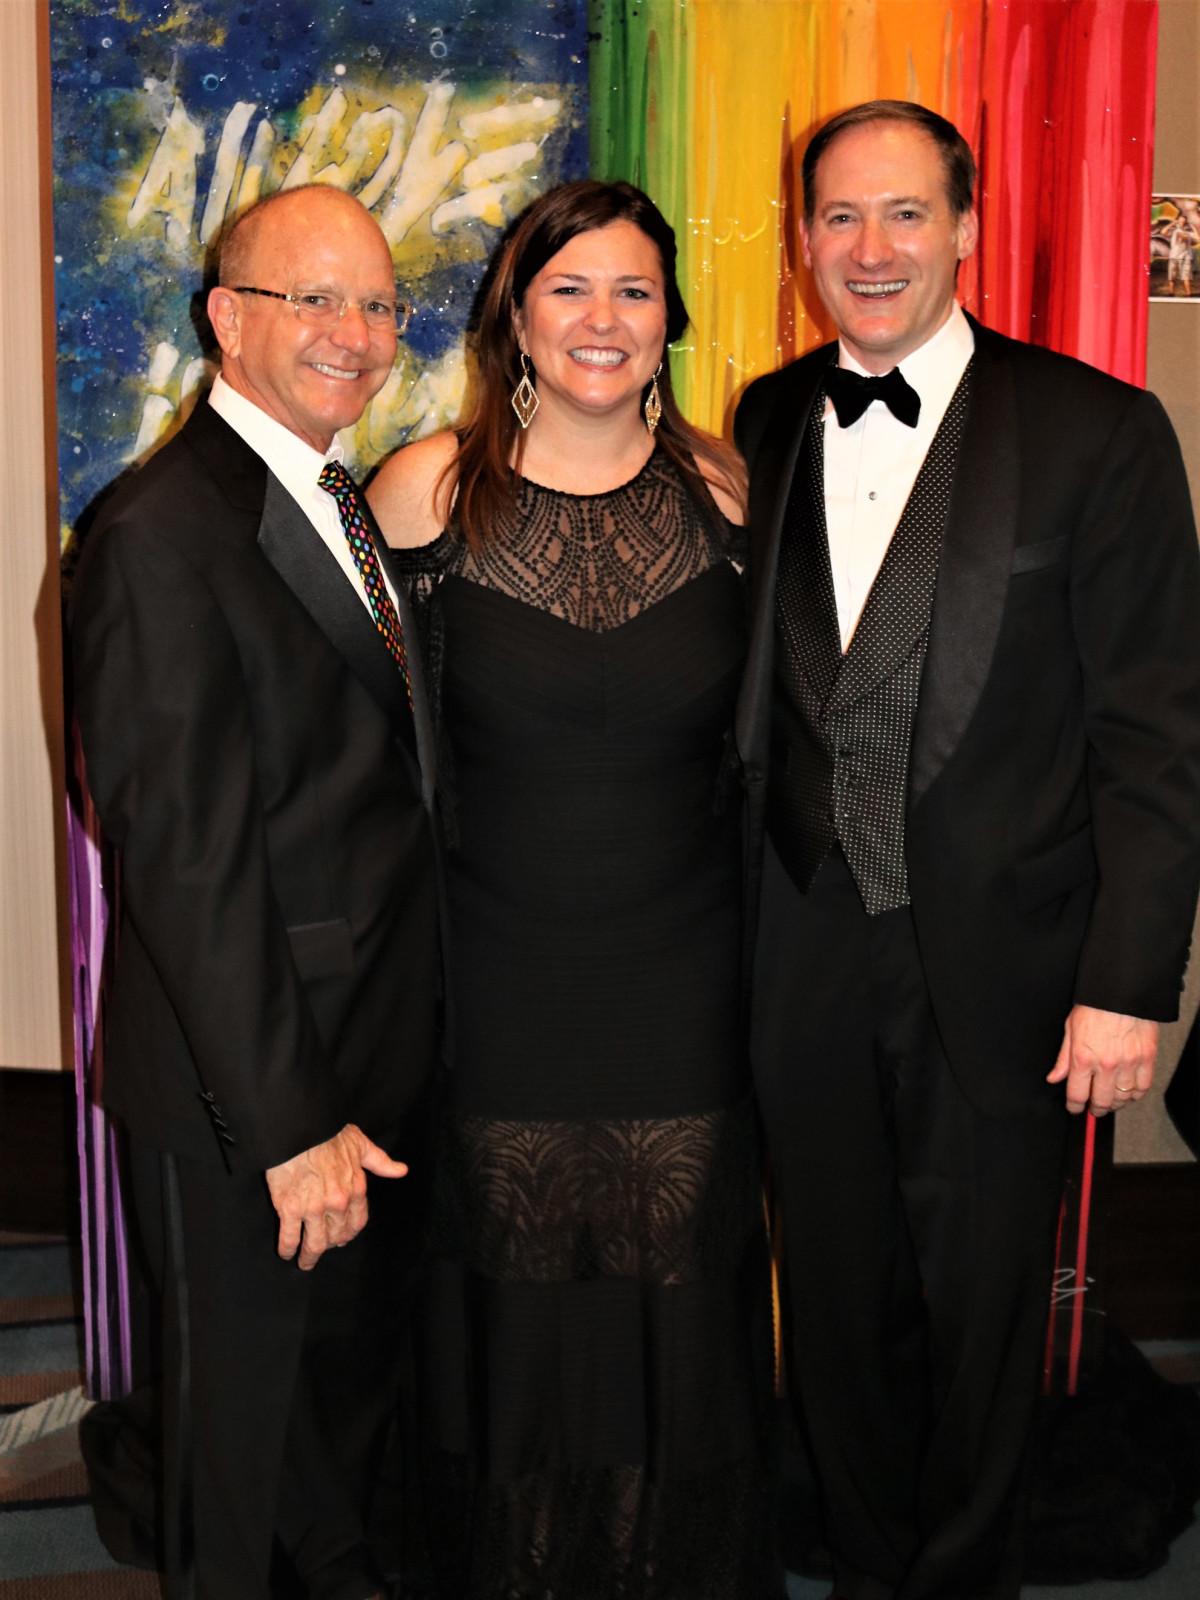 Judge Steven Kirkland, Lillie Schechter, Beau Miller